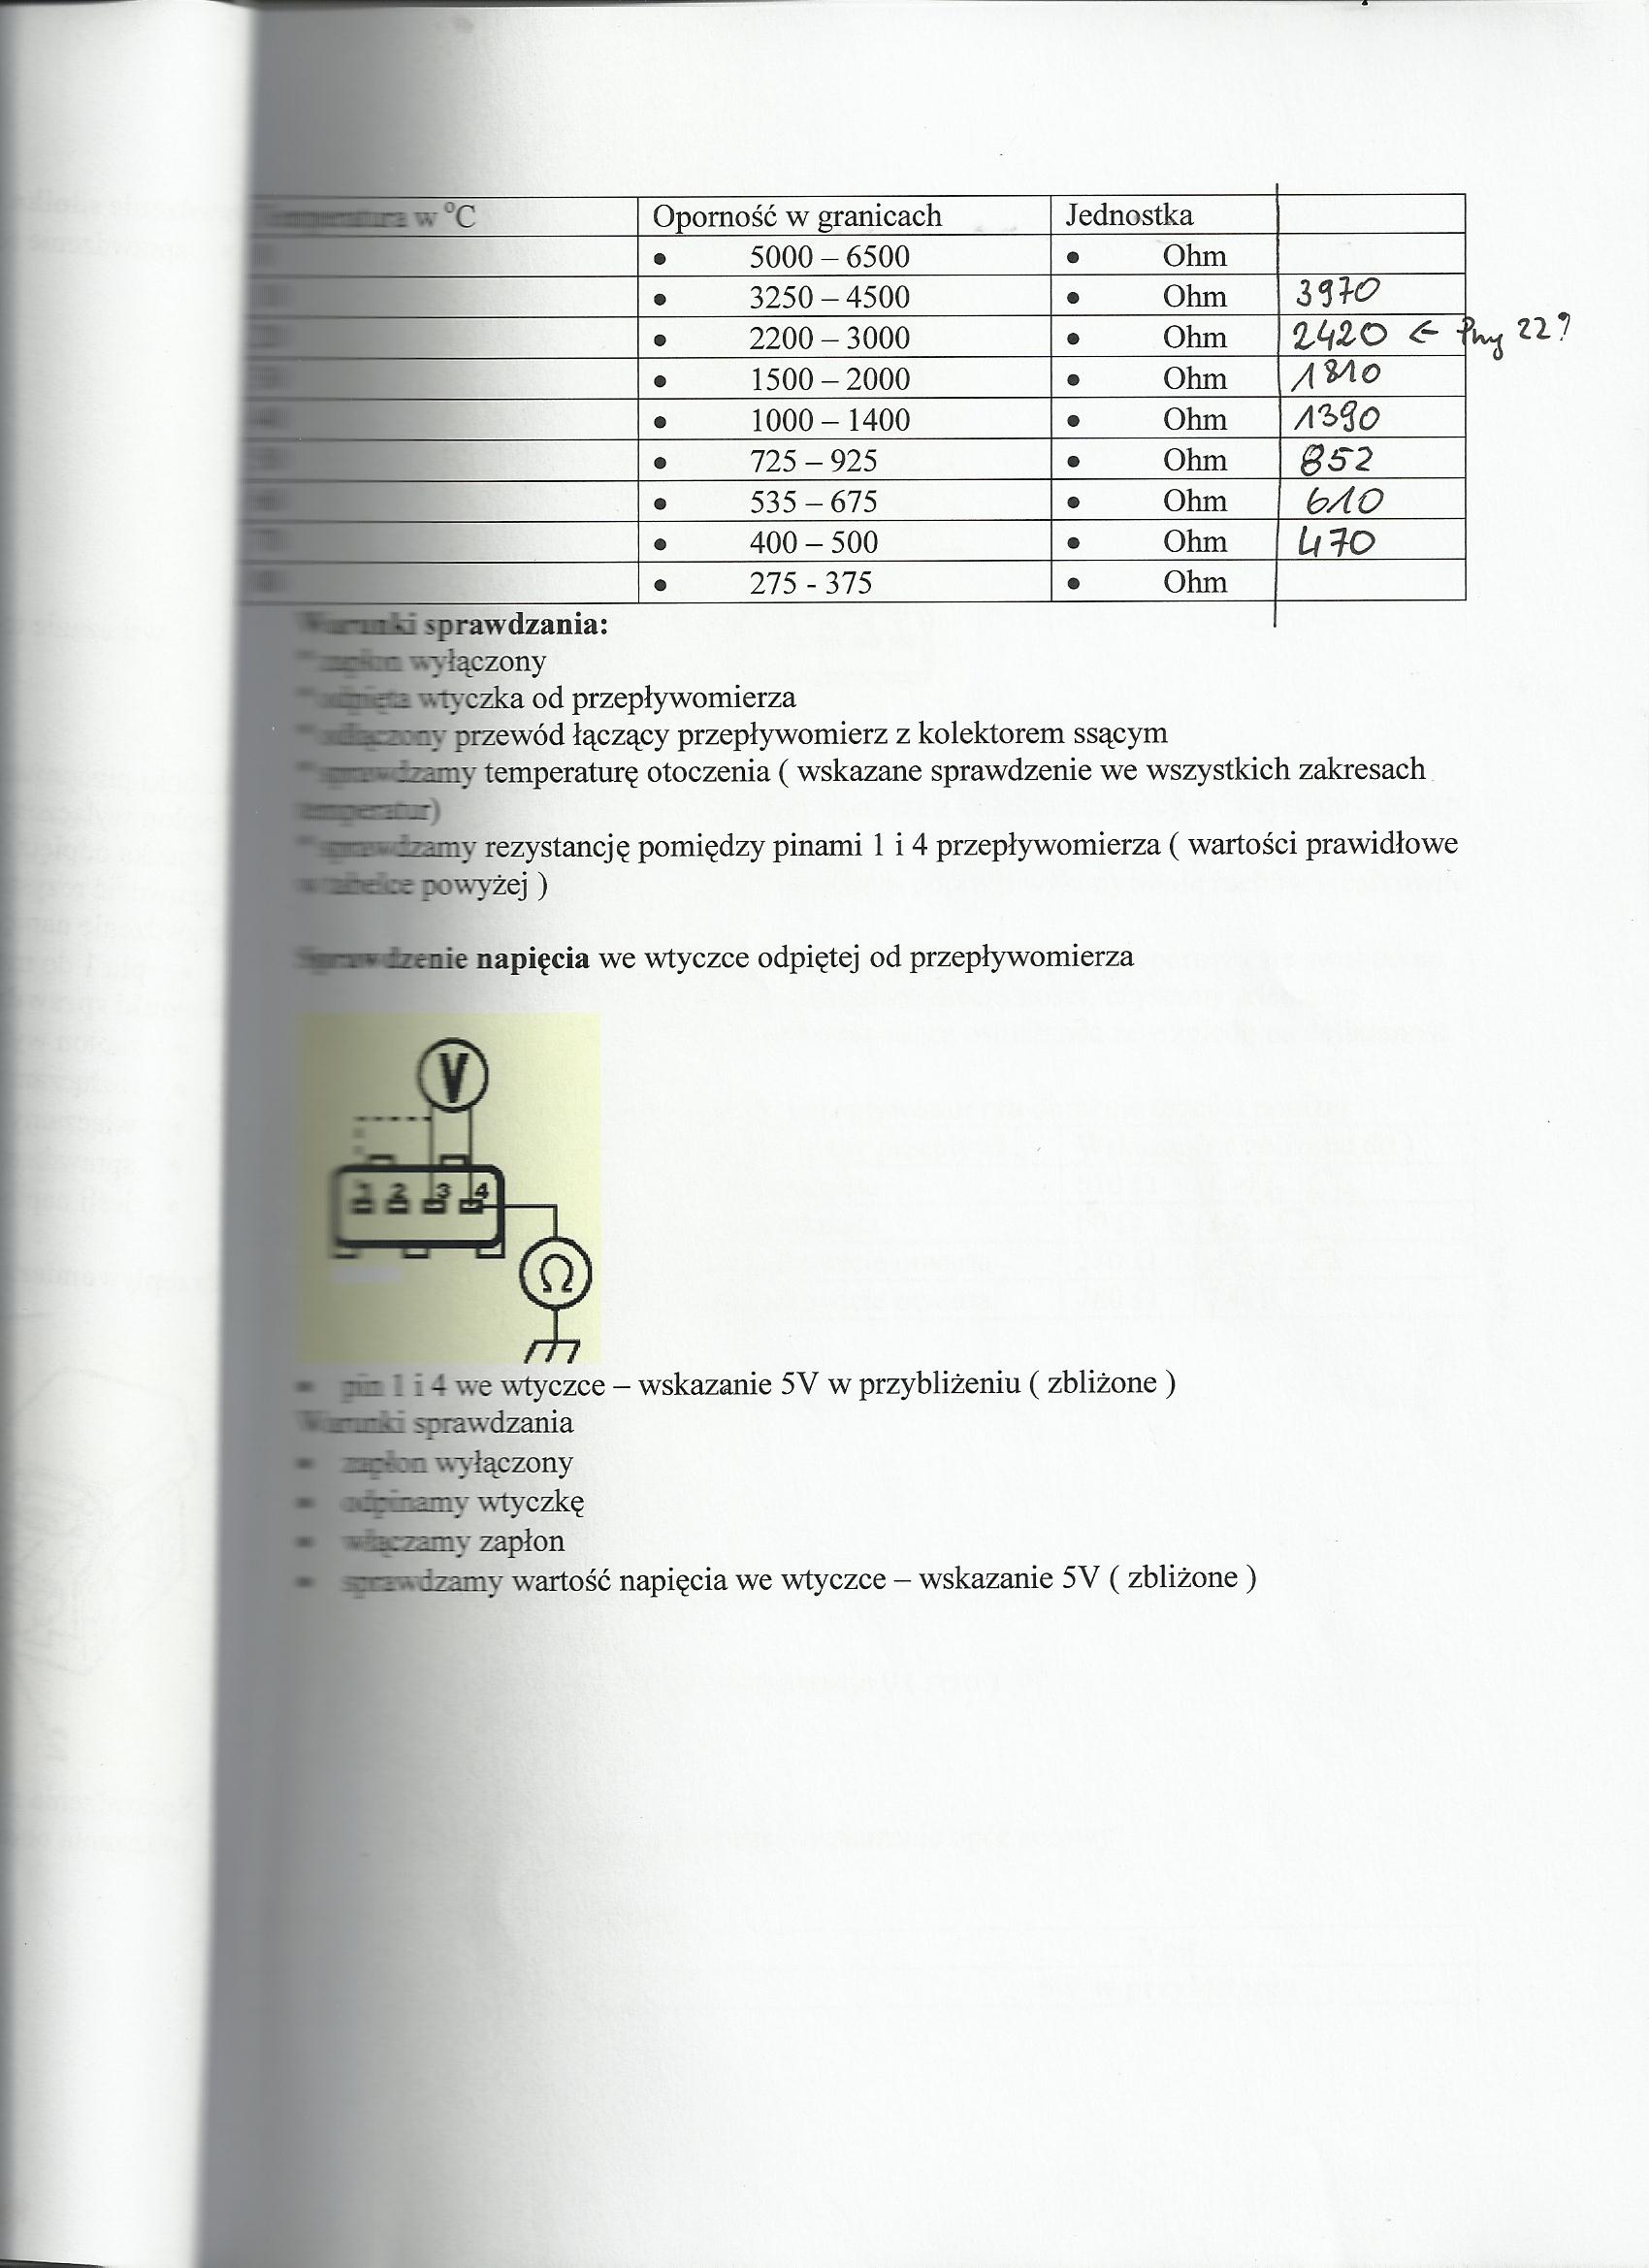 VW 2.0 8v 2e - Sprawdzenie przeplywomierza.